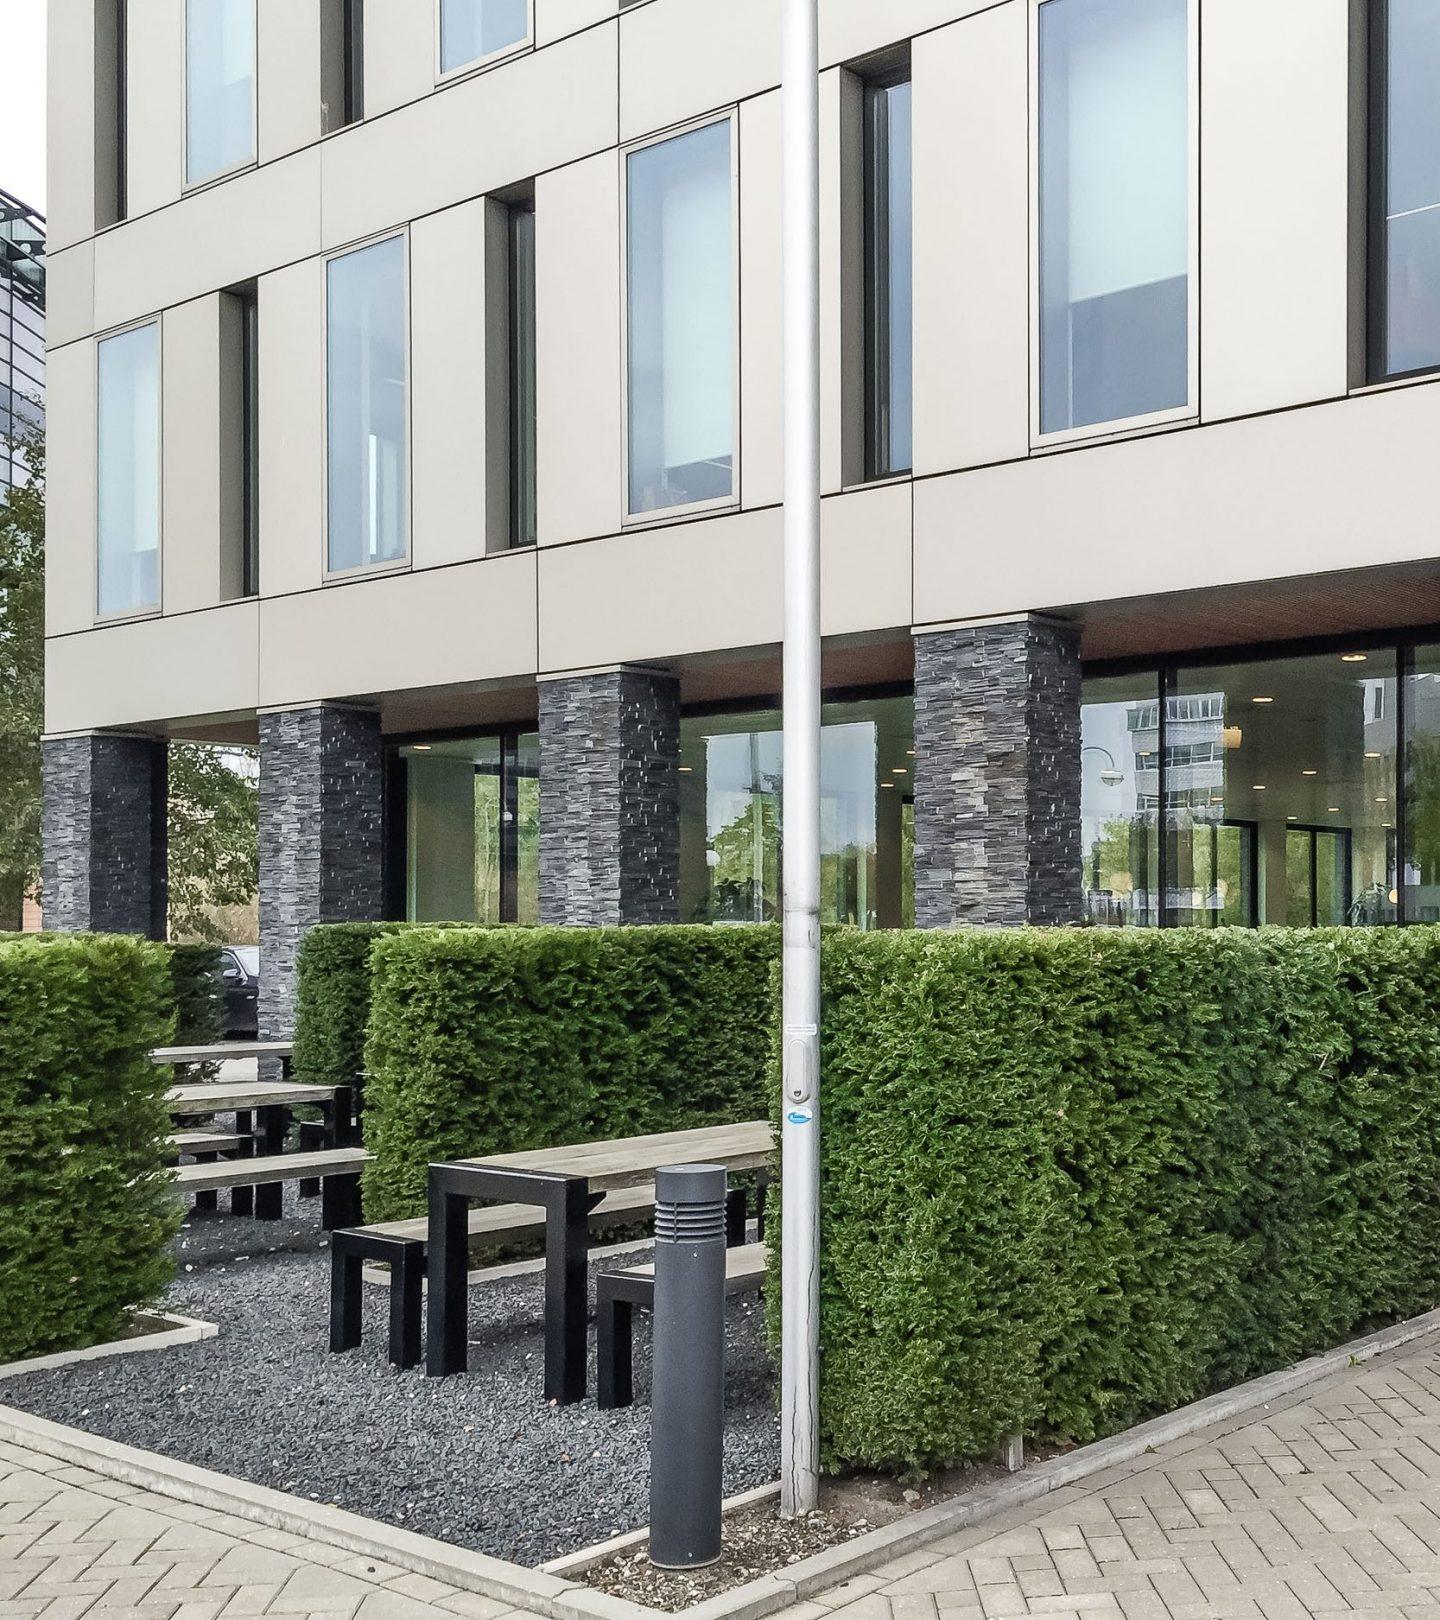 Holland 67 - Außenbereich mit Sitzmöglichkeiten Vegalaan Hoofddorp